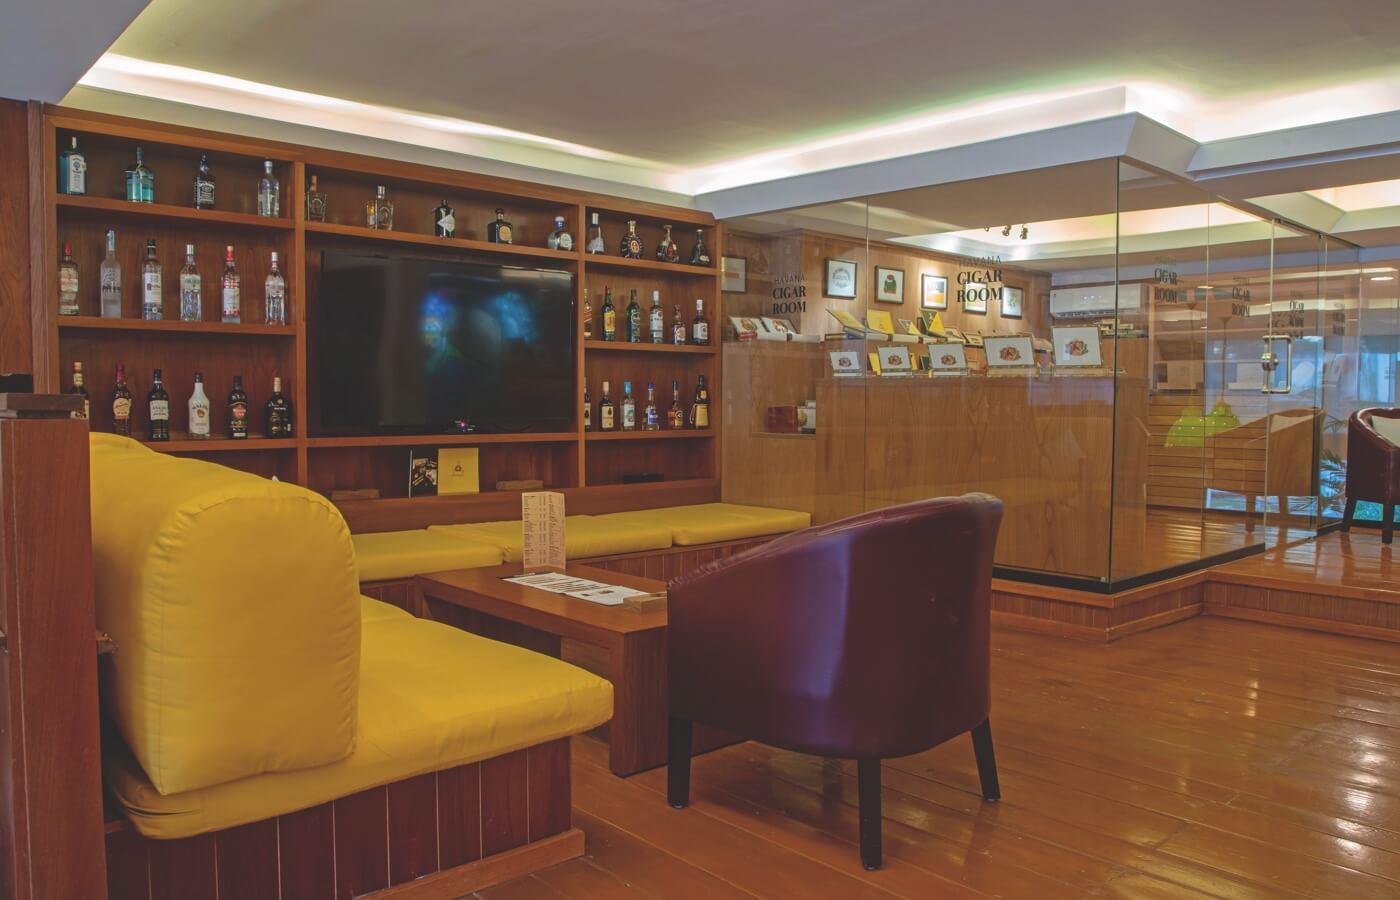 Sala de Havana Cigar Room